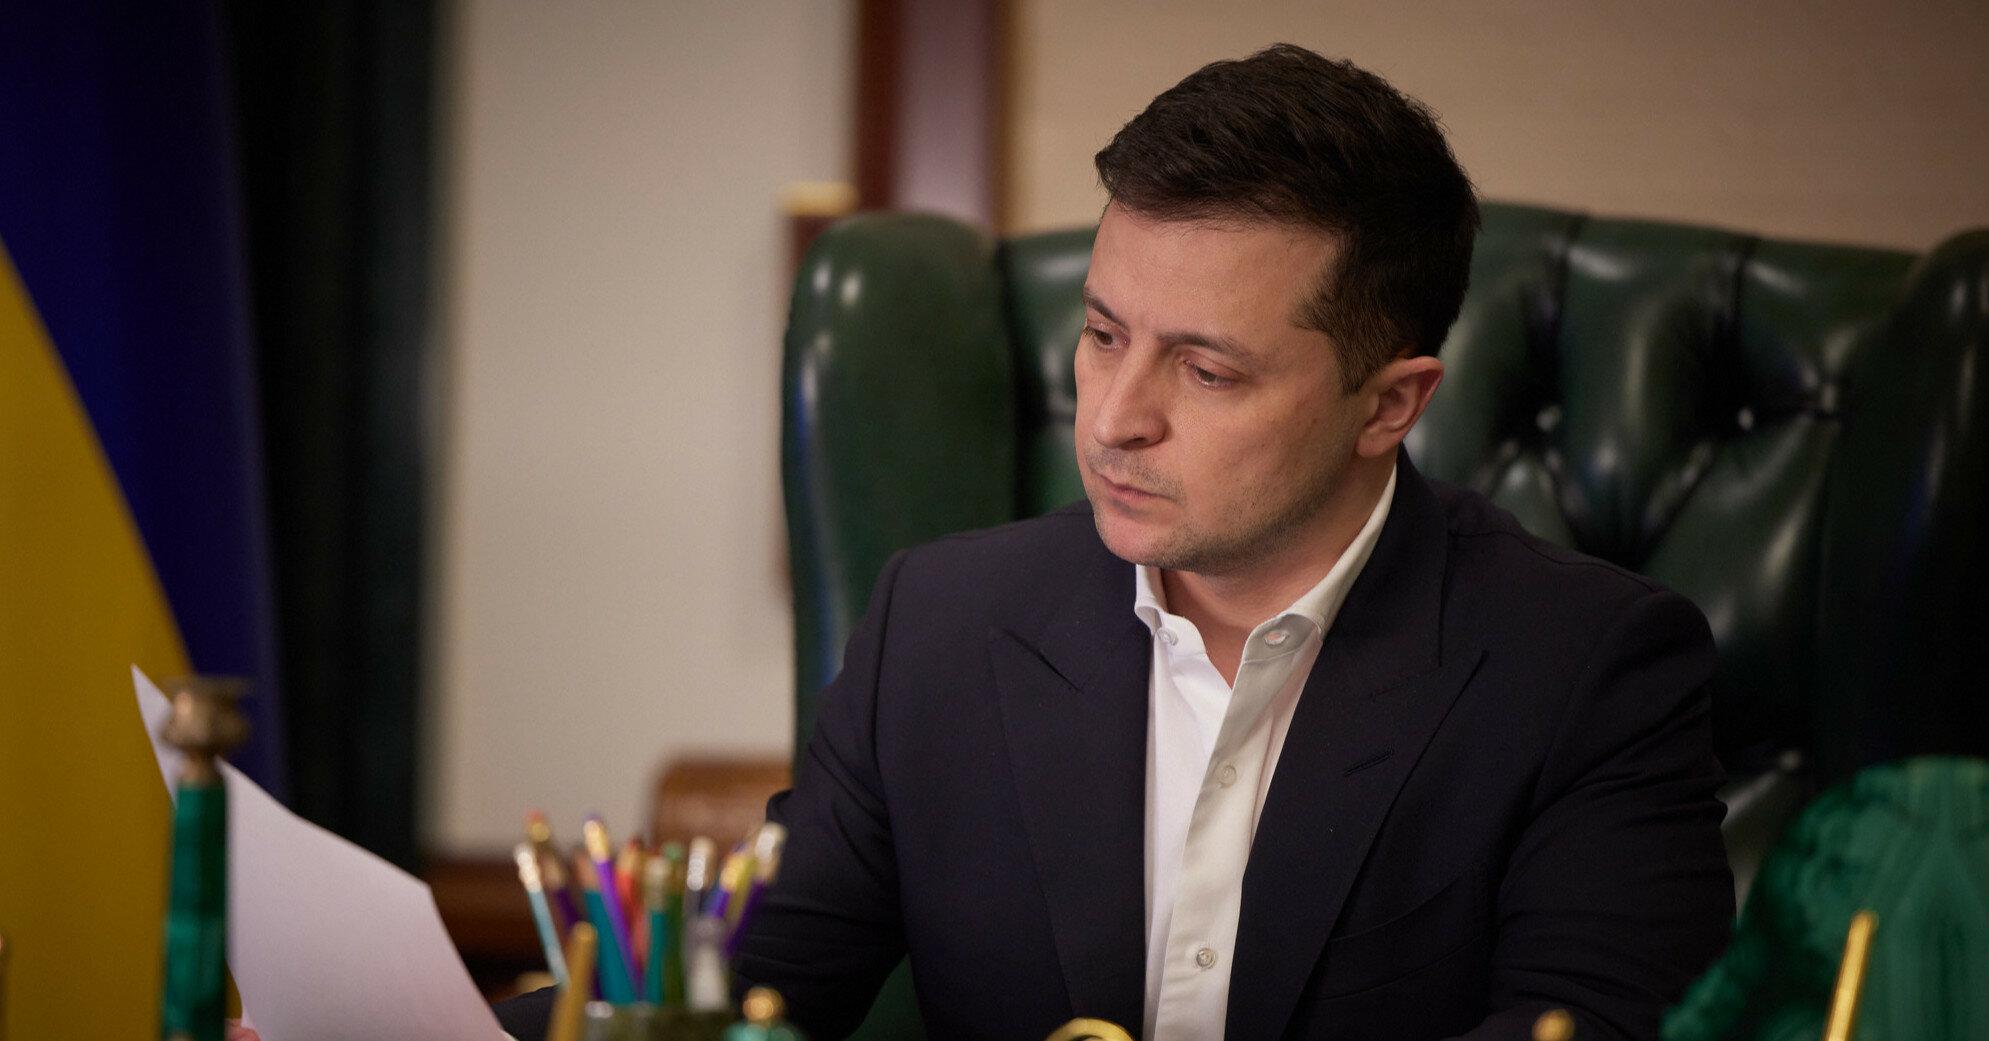 Зеленский утвердил новые положения о советнике президента